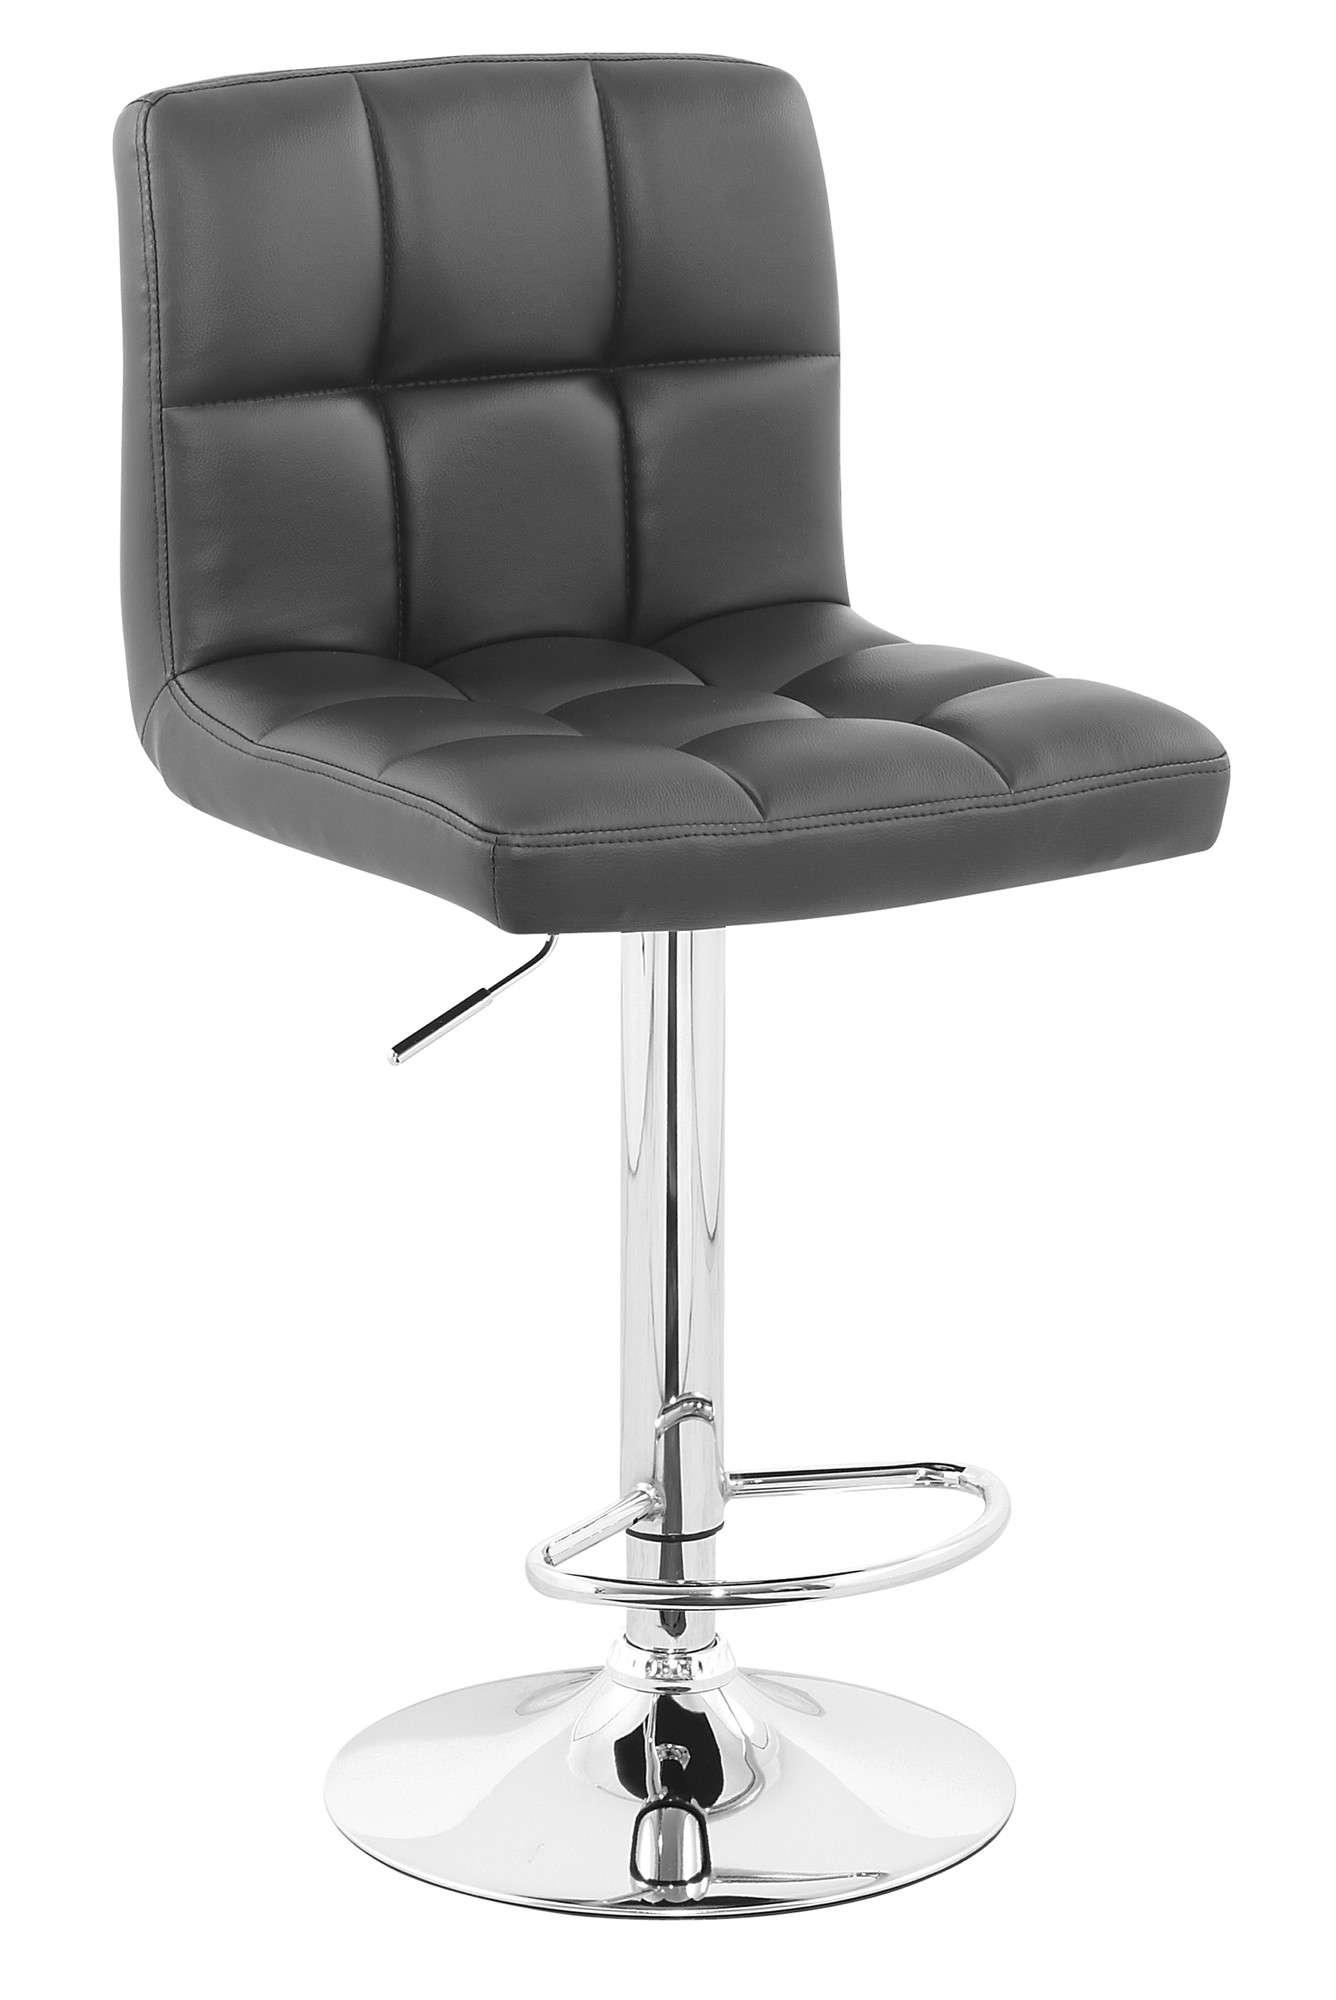 Set 2 sillas banco para cocina barra ajustable cromado vv4 - Bancos para cocina ...